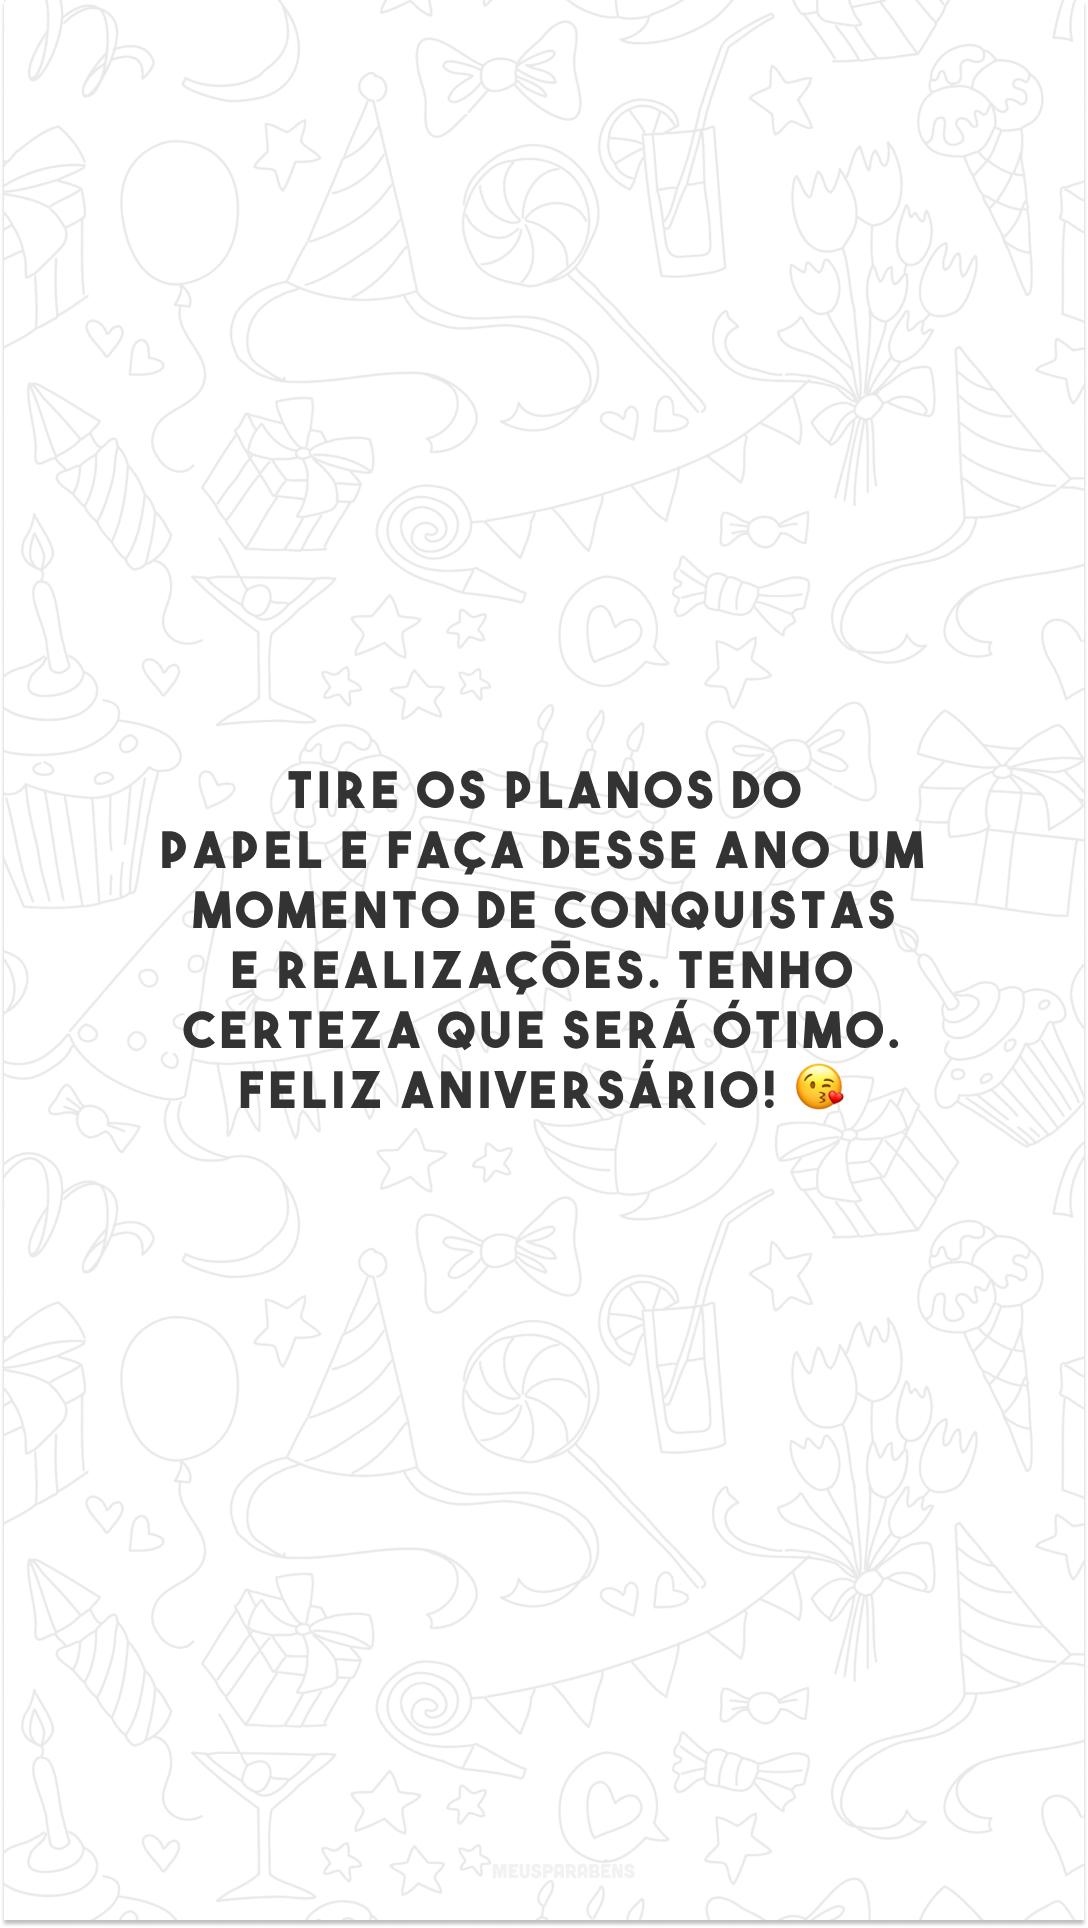 Tire os planos do papel e faça desse ano um momento de conquistas e realizações. Tenho certeza que será ótimo. Feliz aniversário! 😘